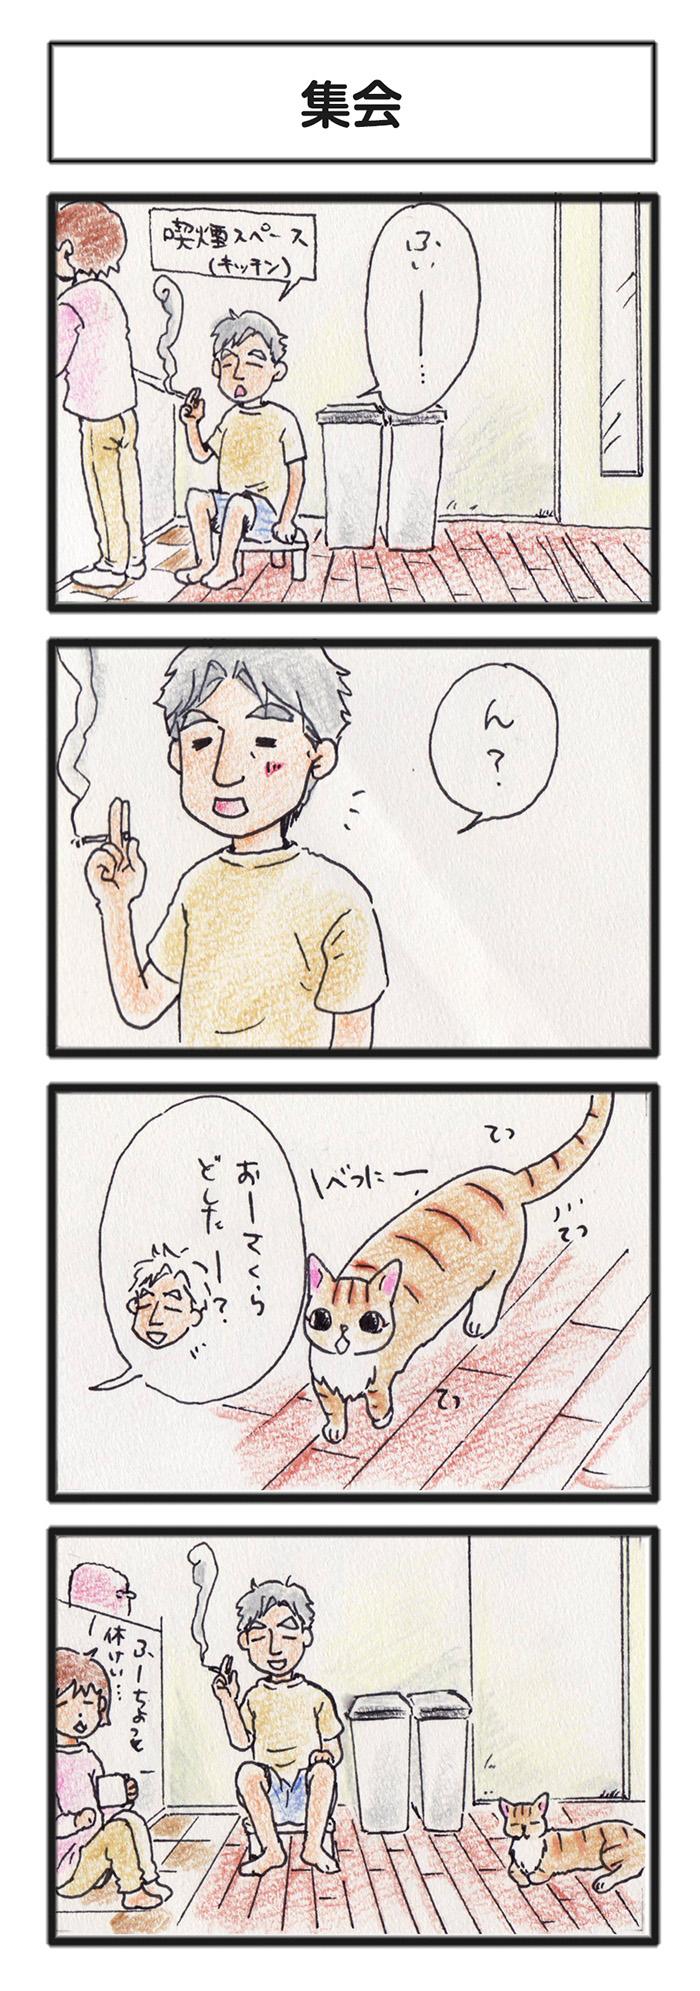 comic_4c_14103001.jpg